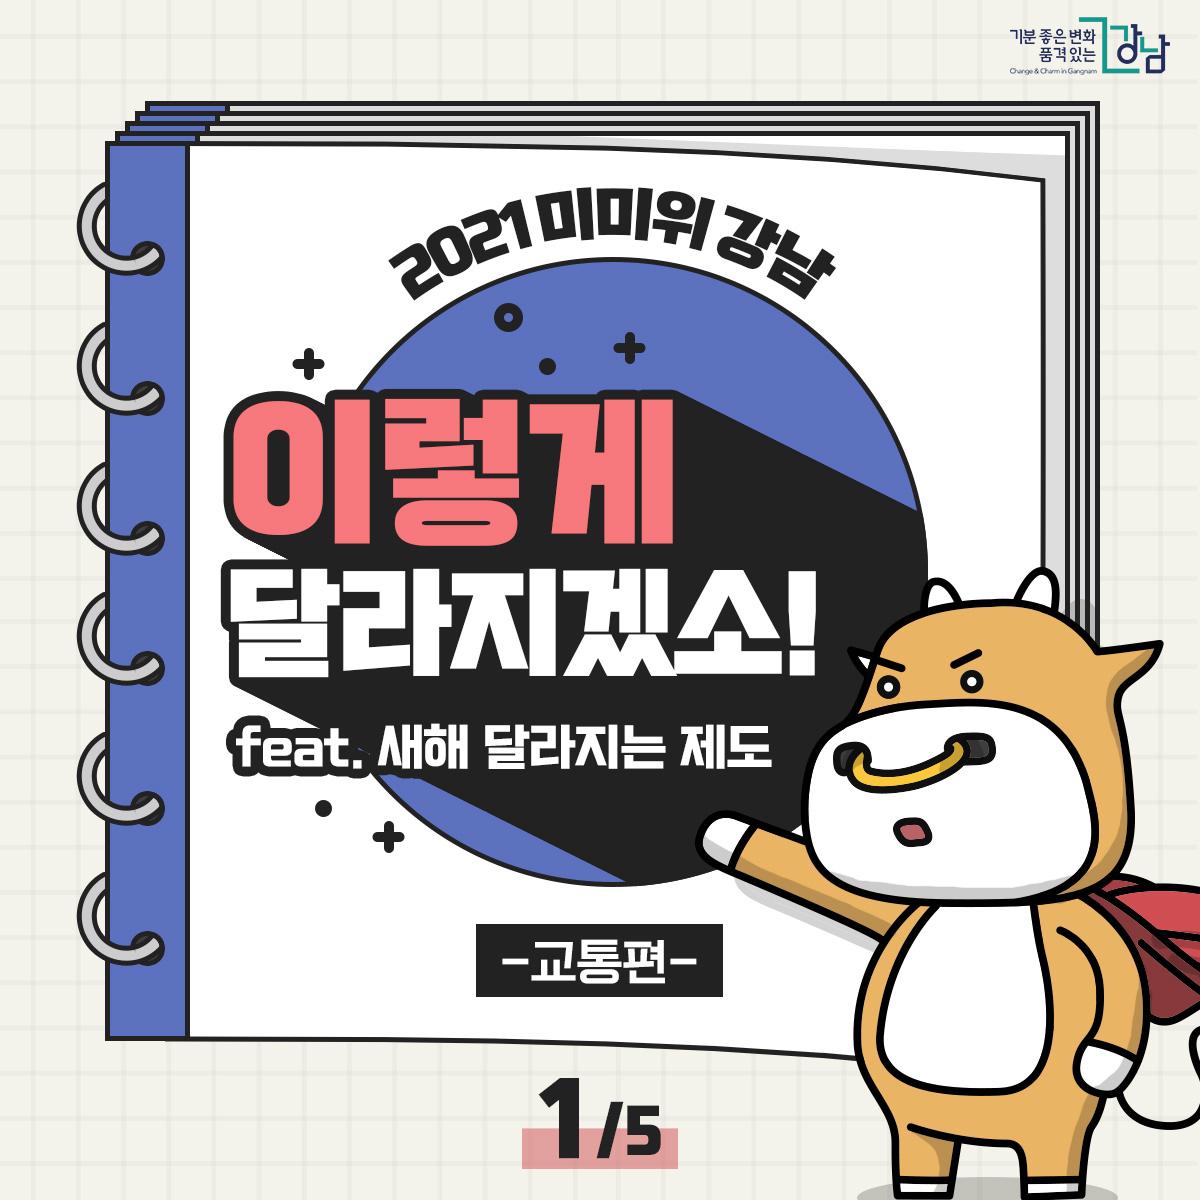 [카드뉴스] 2021 미미위 강남, 이렇게 달라지겠소!(4편)